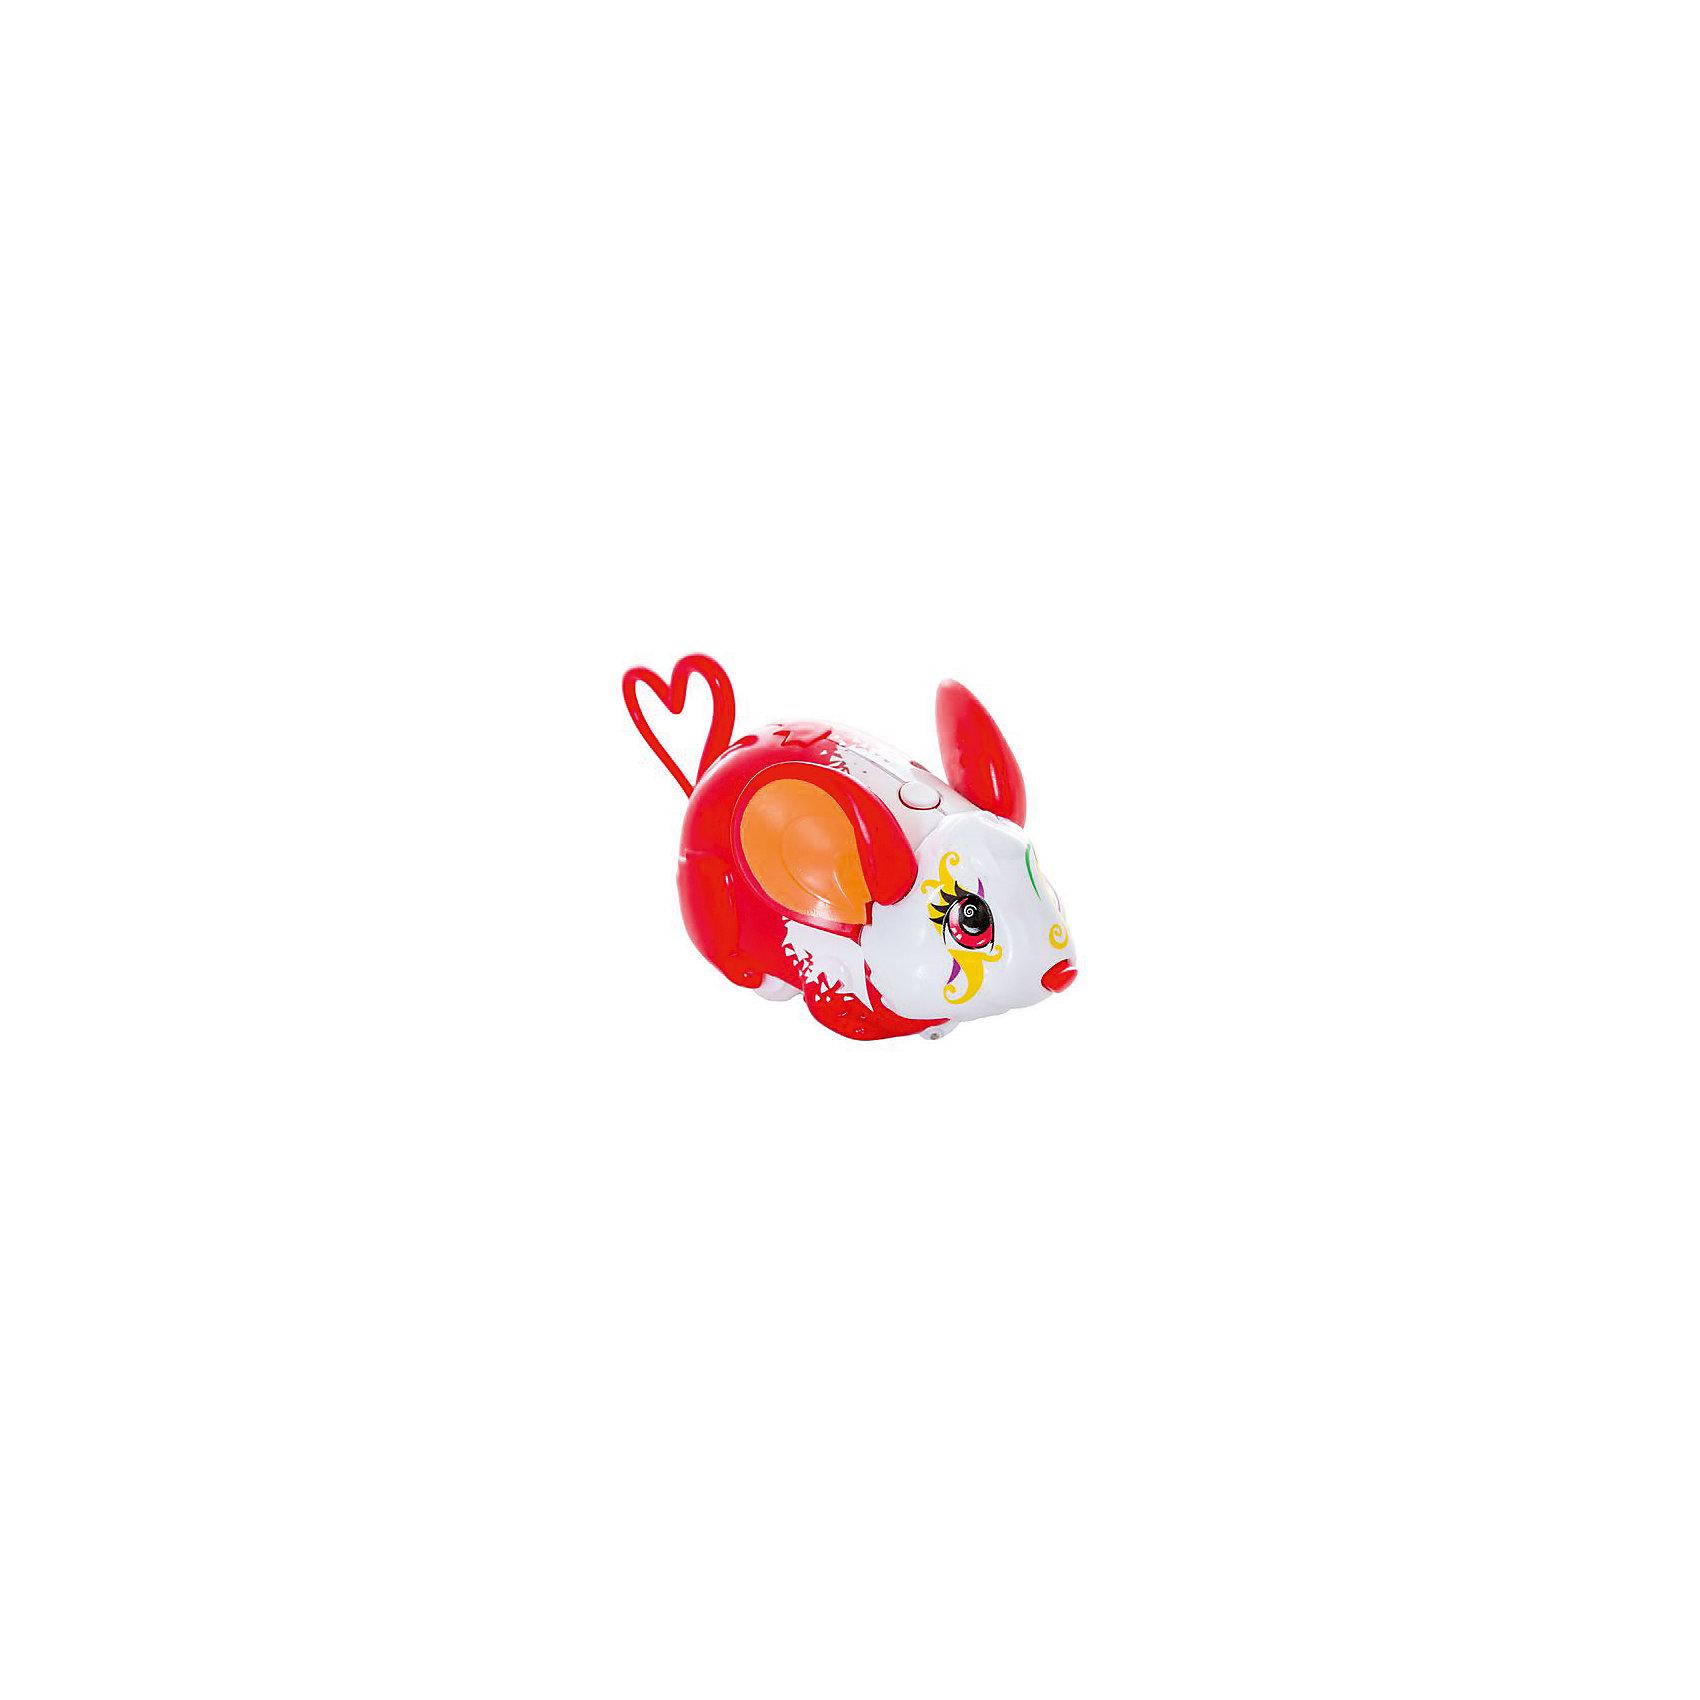 Мышка-циркач Зунза, Amazing ZhusПрочие интерактивные игрушки<br>Характеристики товара:<br><br>- цвет: красный;<br>- материал: пластик;<br>- вес : 220 г;<br>- три режима работы;<br>- размер упаковки: 16 x 10 x 7 см;<br>- умеет издавать забавные звуки, изучать пространство.<br><br>Такая игрушка в виде симпатичной мышки поможет ребенку весело проводить время - она умеет издавать забавные звуки и активно изучать пространство, используя нос как радар. Это выглядит очень забавно! <br>Мышка способна помогать всестороннему развитию ребенка: развивать тактильное восприятие, мелкую моторику, воображение, внимание и логику. Изделие произведено из качественных материалов, безопасных для ребенка. Набор станет отличным подарком детям!<br><br>Игрушку Мышка-циркач Зунза от бренда Amazing Zhus можно купить в нашем интернет-магазине.<br><br>Ширина мм: 160<br>Глубина мм: 130<br>Высота мм: 70<br>Вес г: 221<br>Возраст от месяцев: 36<br>Возраст до месяцев: 2147483647<br>Пол: Унисекс<br>Возраст: Детский<br>SKU: 5124482